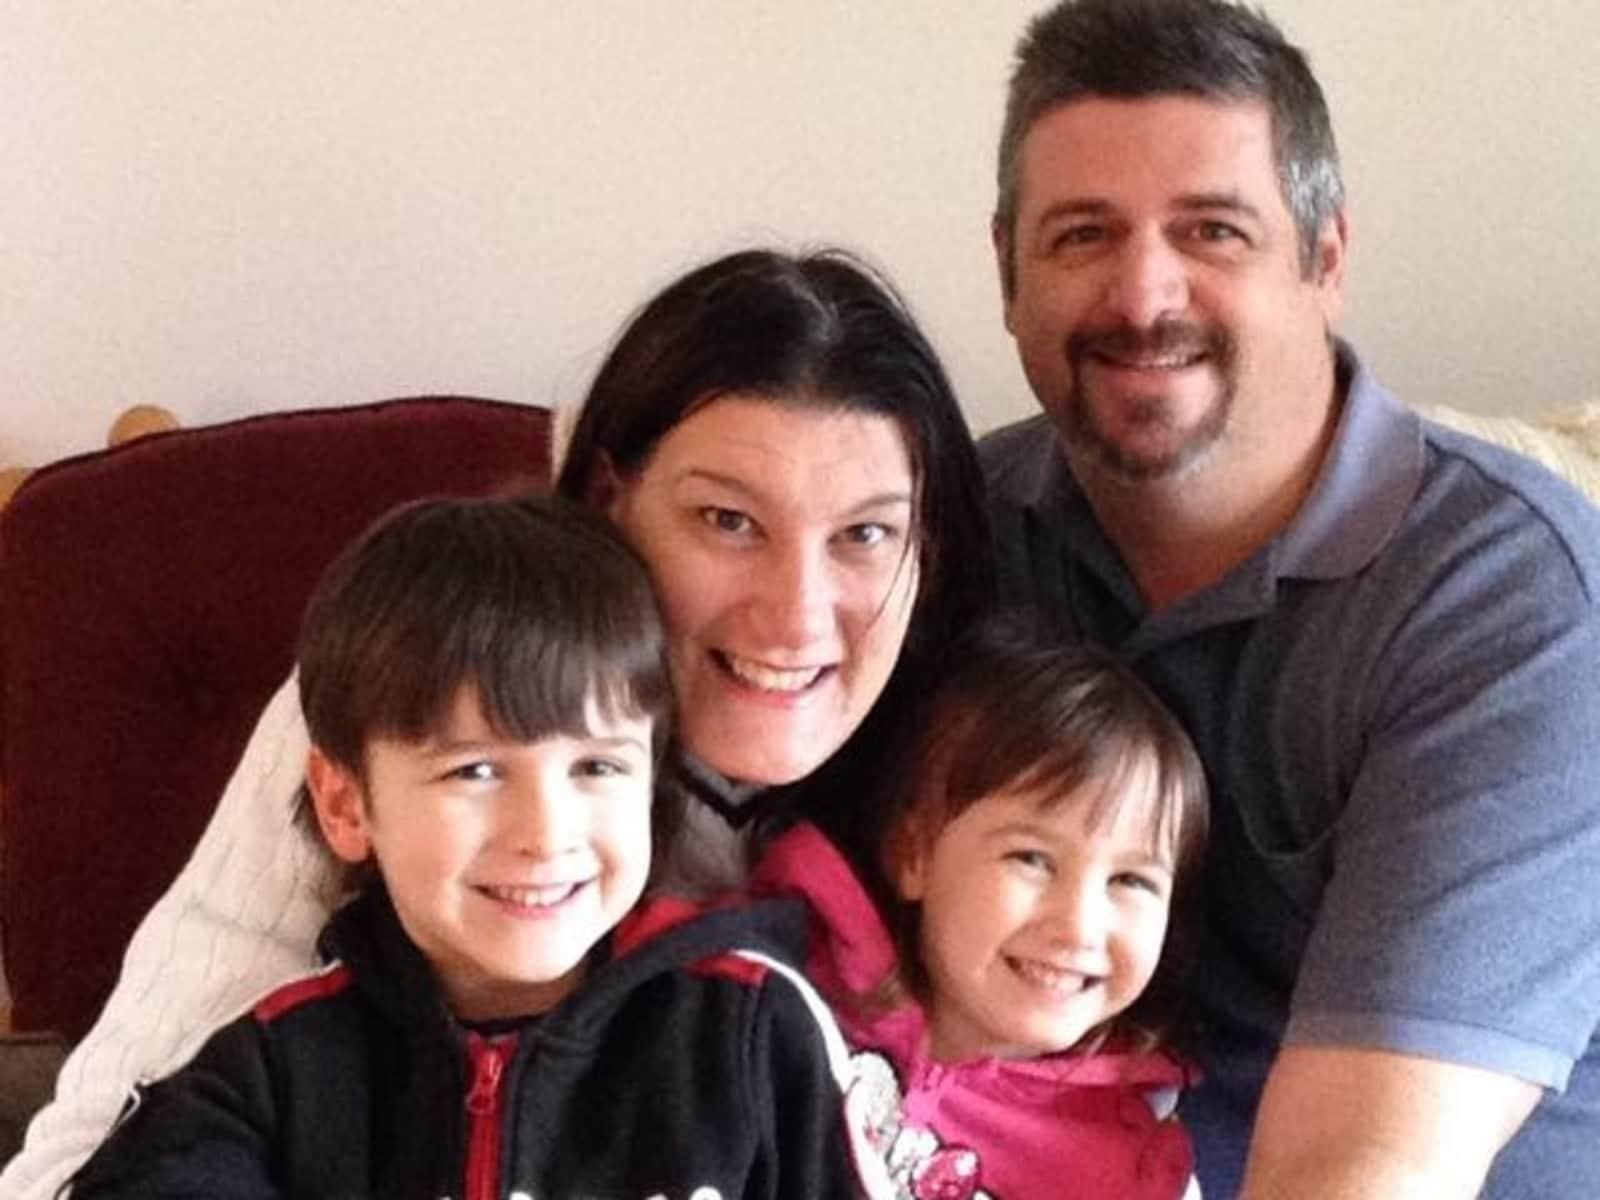 Sharon & Stephen from Oshawa, Ontario, Canada